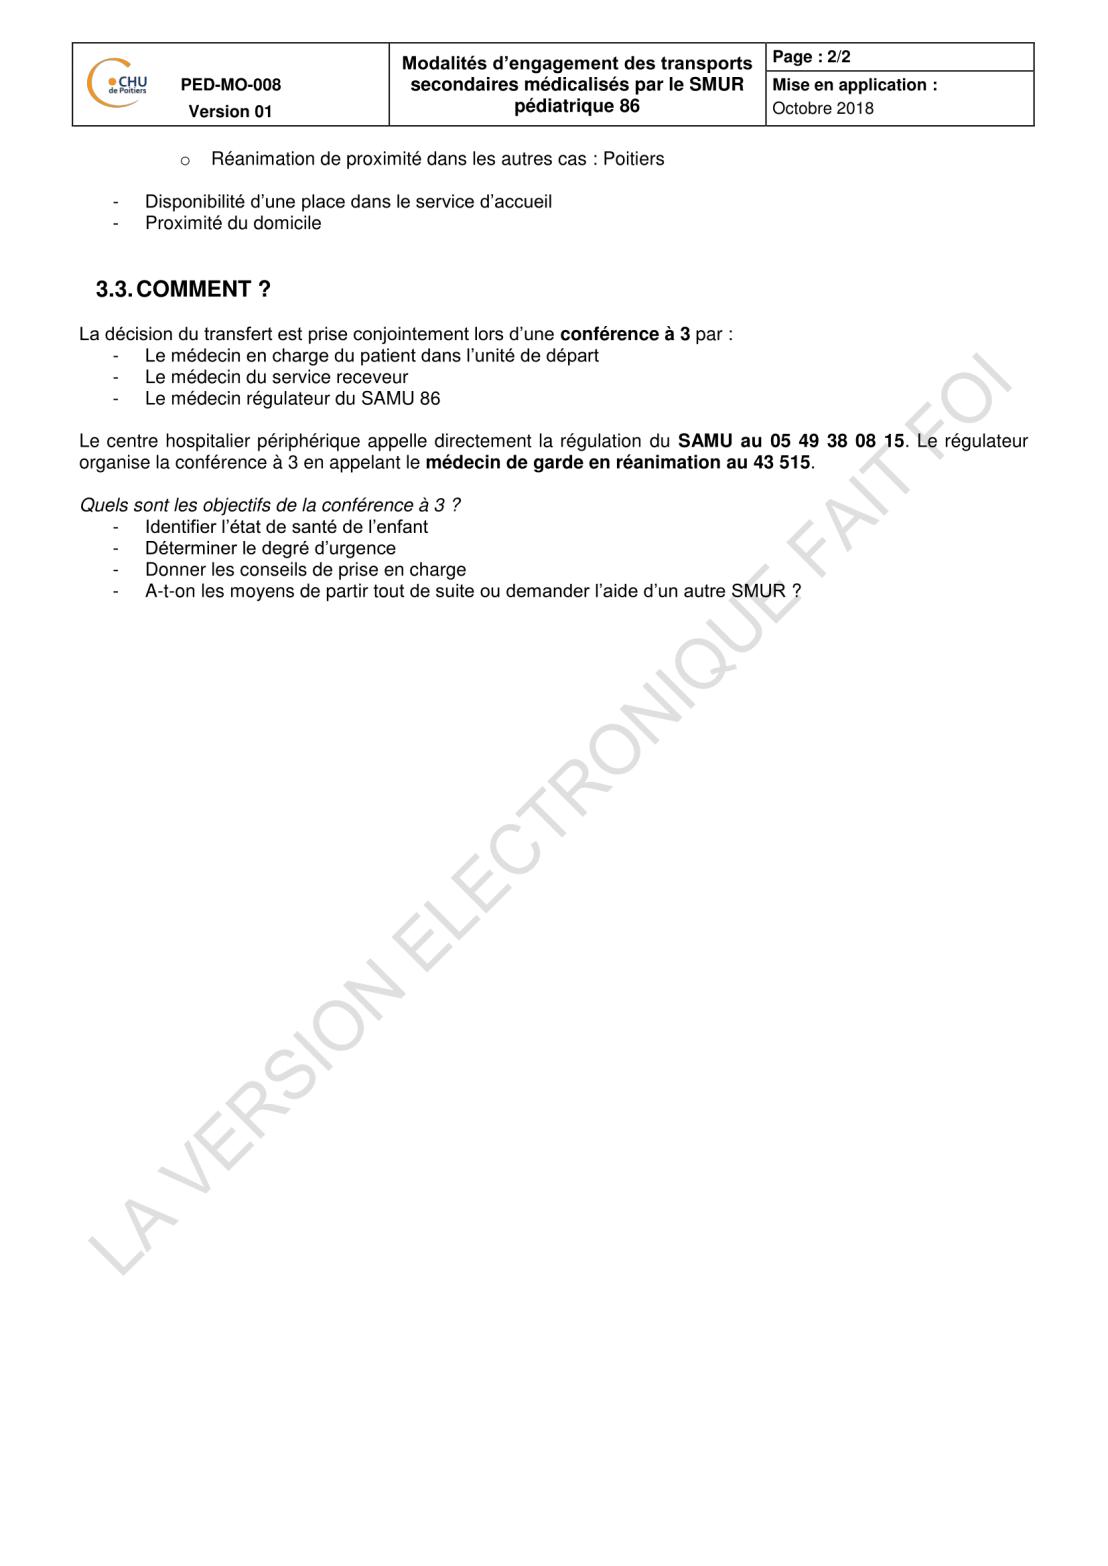 Modalit_s_d_engagement_des_transports_secondaires_SMUR_p_diatrique-2